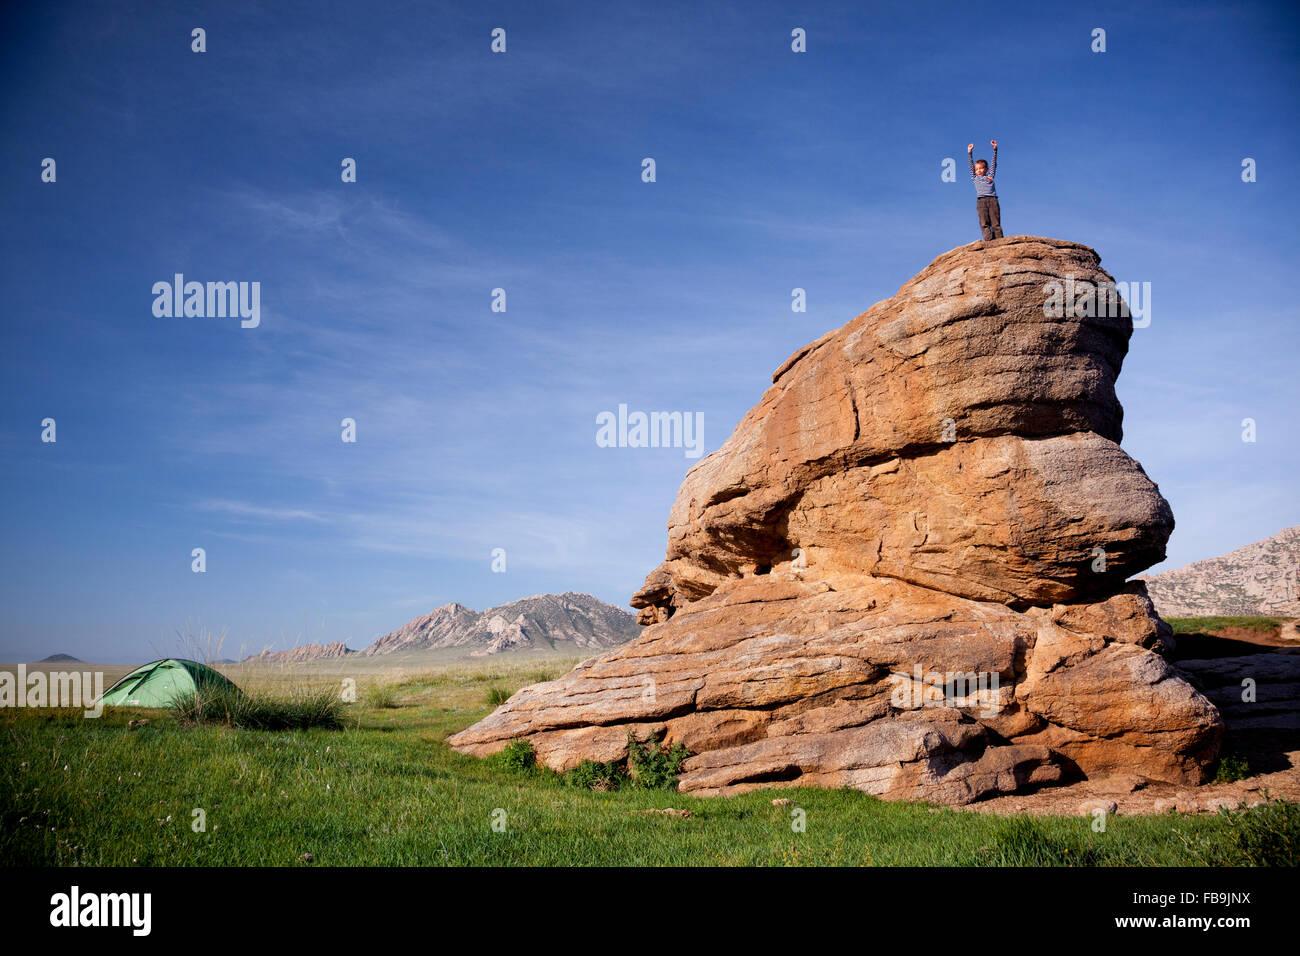 Camping in the Gobi Desert, Mongolia. - Stock Image